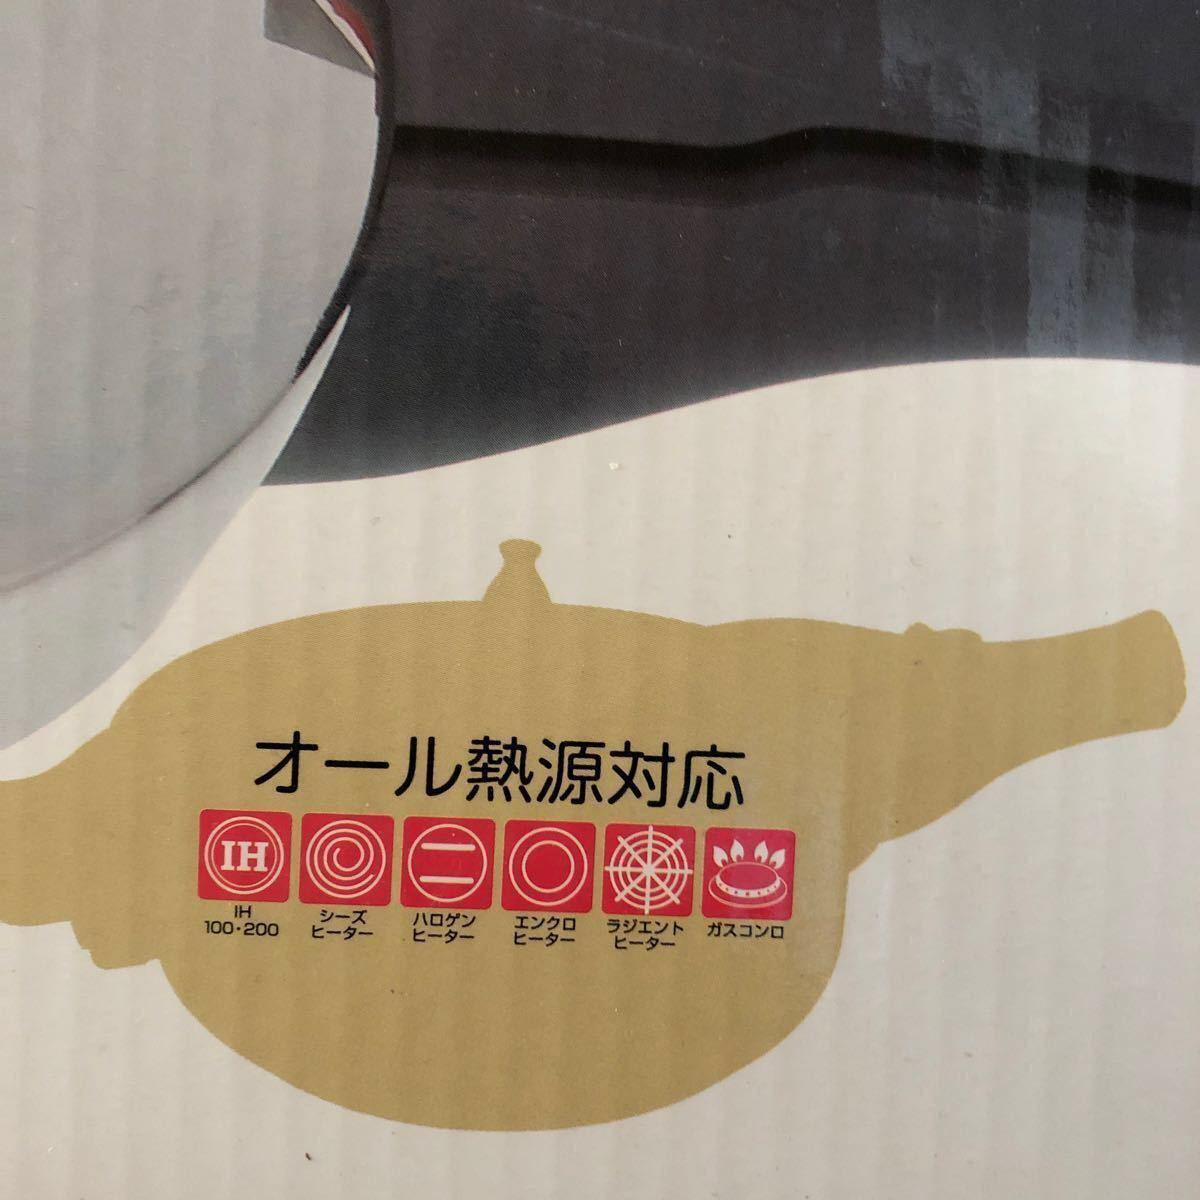 圧力鍋 3.0L 新品 未使用 未開封 大きい IH 平なべ